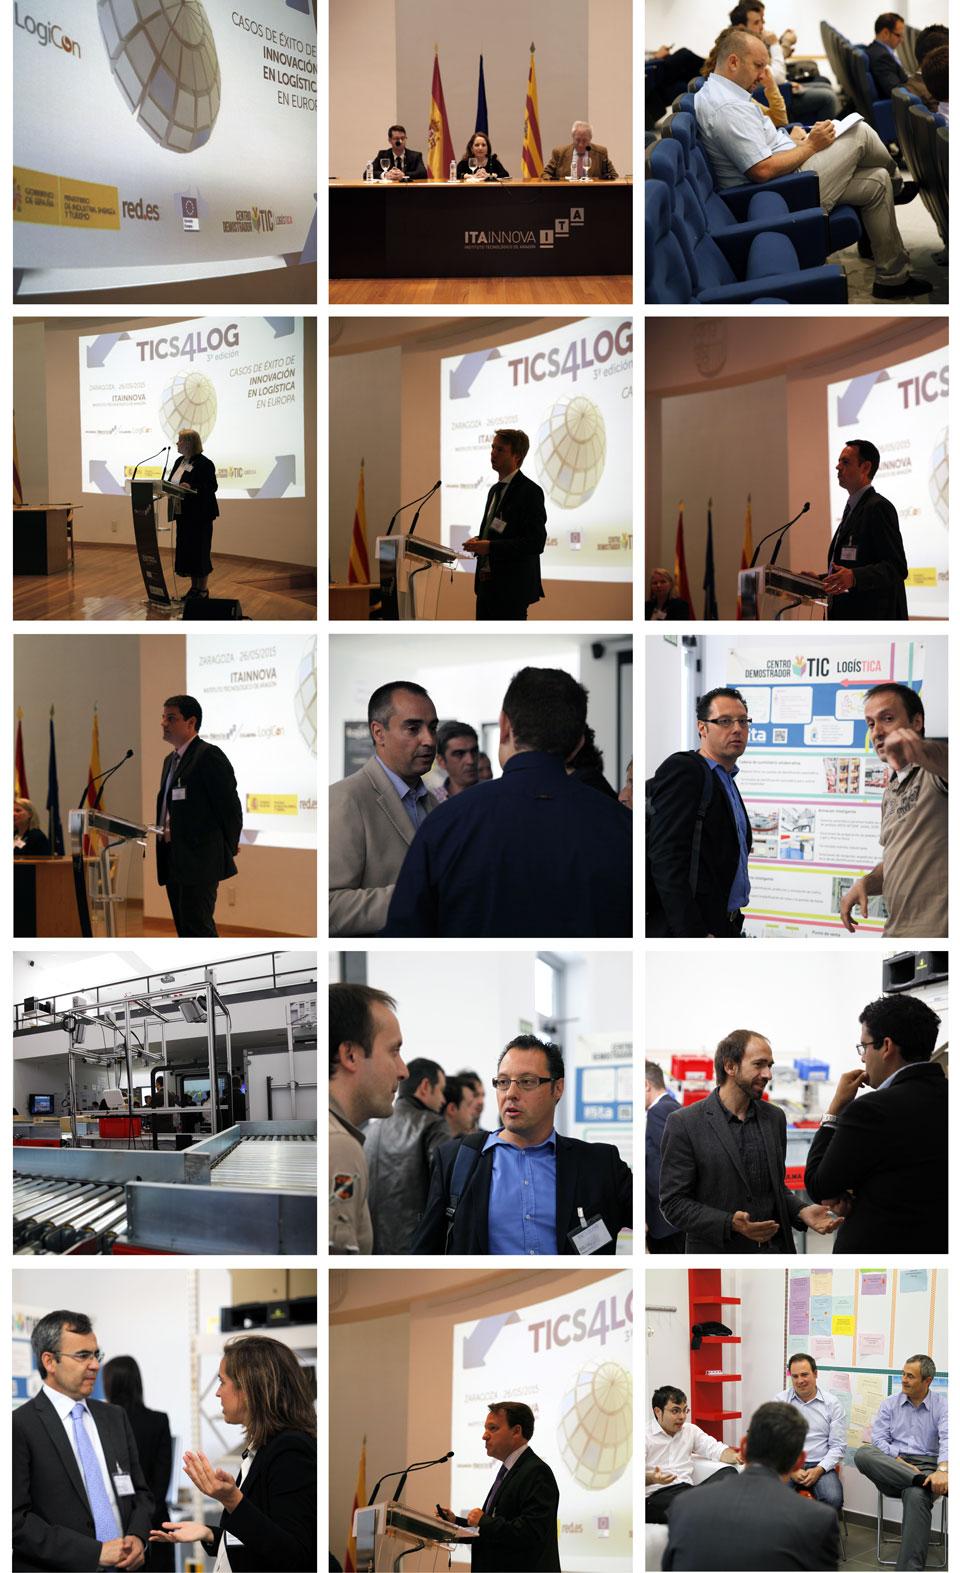 Imagen de difusión de las III Jornadas TICS4LOG